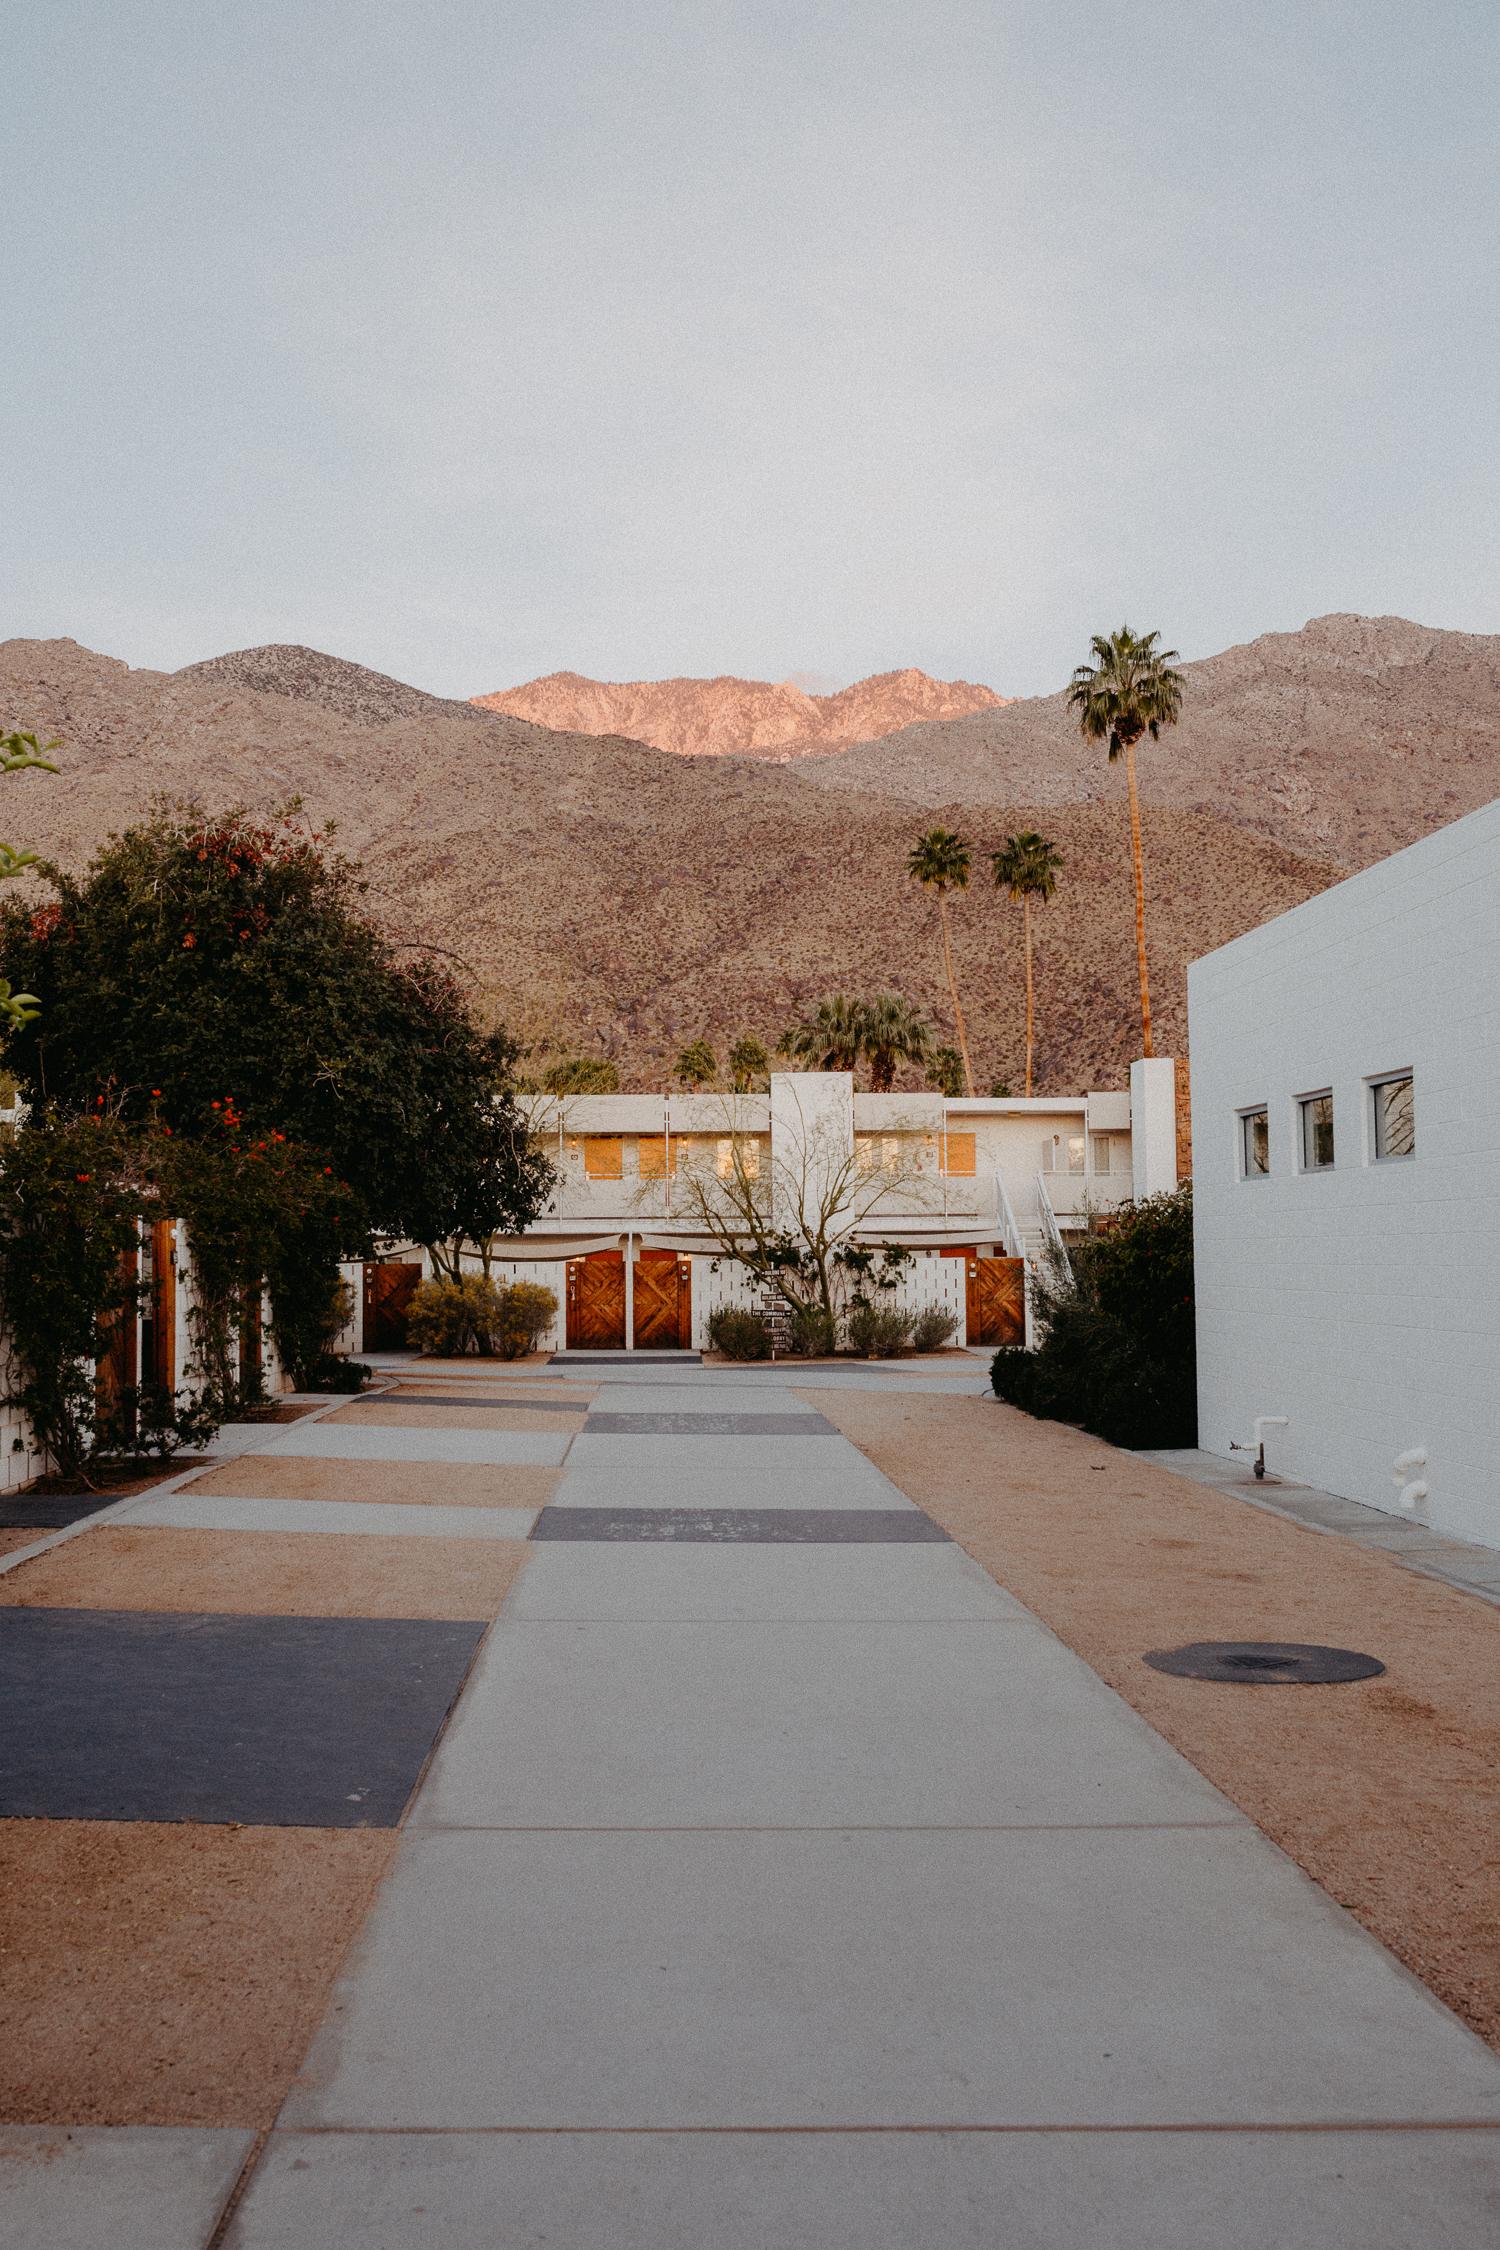 The Ace Hotel Swim Club Palm Springs | Bikinis & Passports